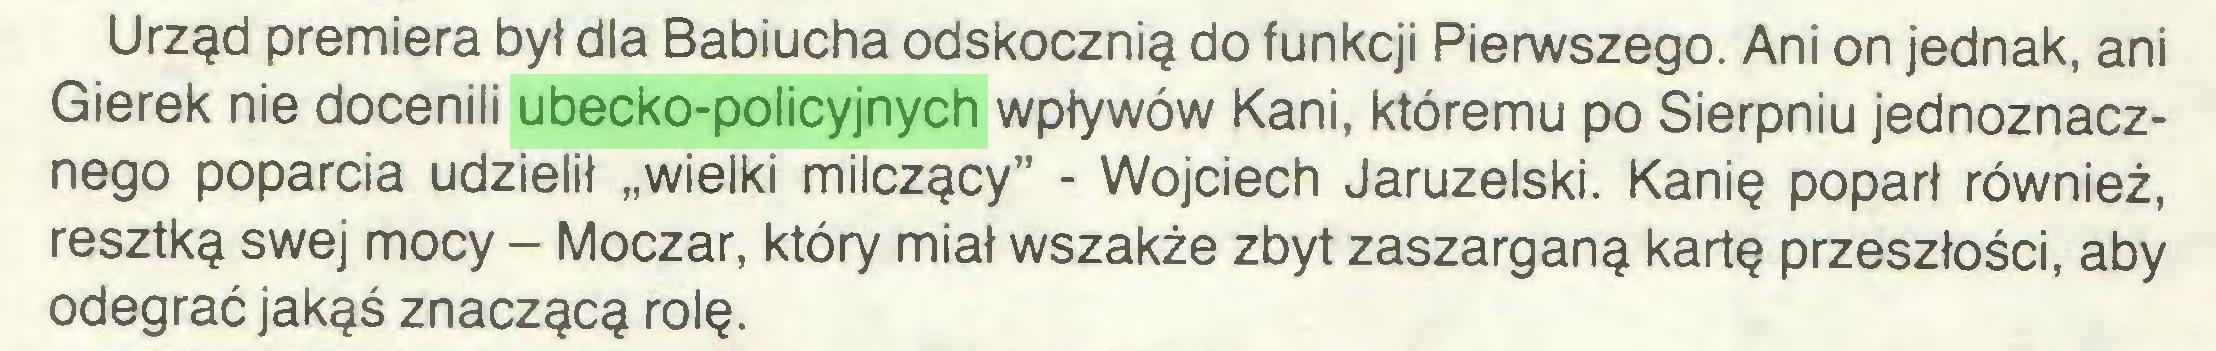 """(...) Urząd premiera był dla Babiucha odskocznią do funkcji Pierwszego. Ani on jednak, ani Gierek nie docenili ubecko-policyjnych wpływów Kani, któremu po Sierpniu jednoznacznego poparcia udzielił """"wielki milczący"""" - Wojciech Jaruzelski. Kanię poparł również, resztką swej mocy - Moczar, który miał wszakże zbyt zaszarganą kartę przeszłości, aby odegrać jakąś znaczącą rolę..."""